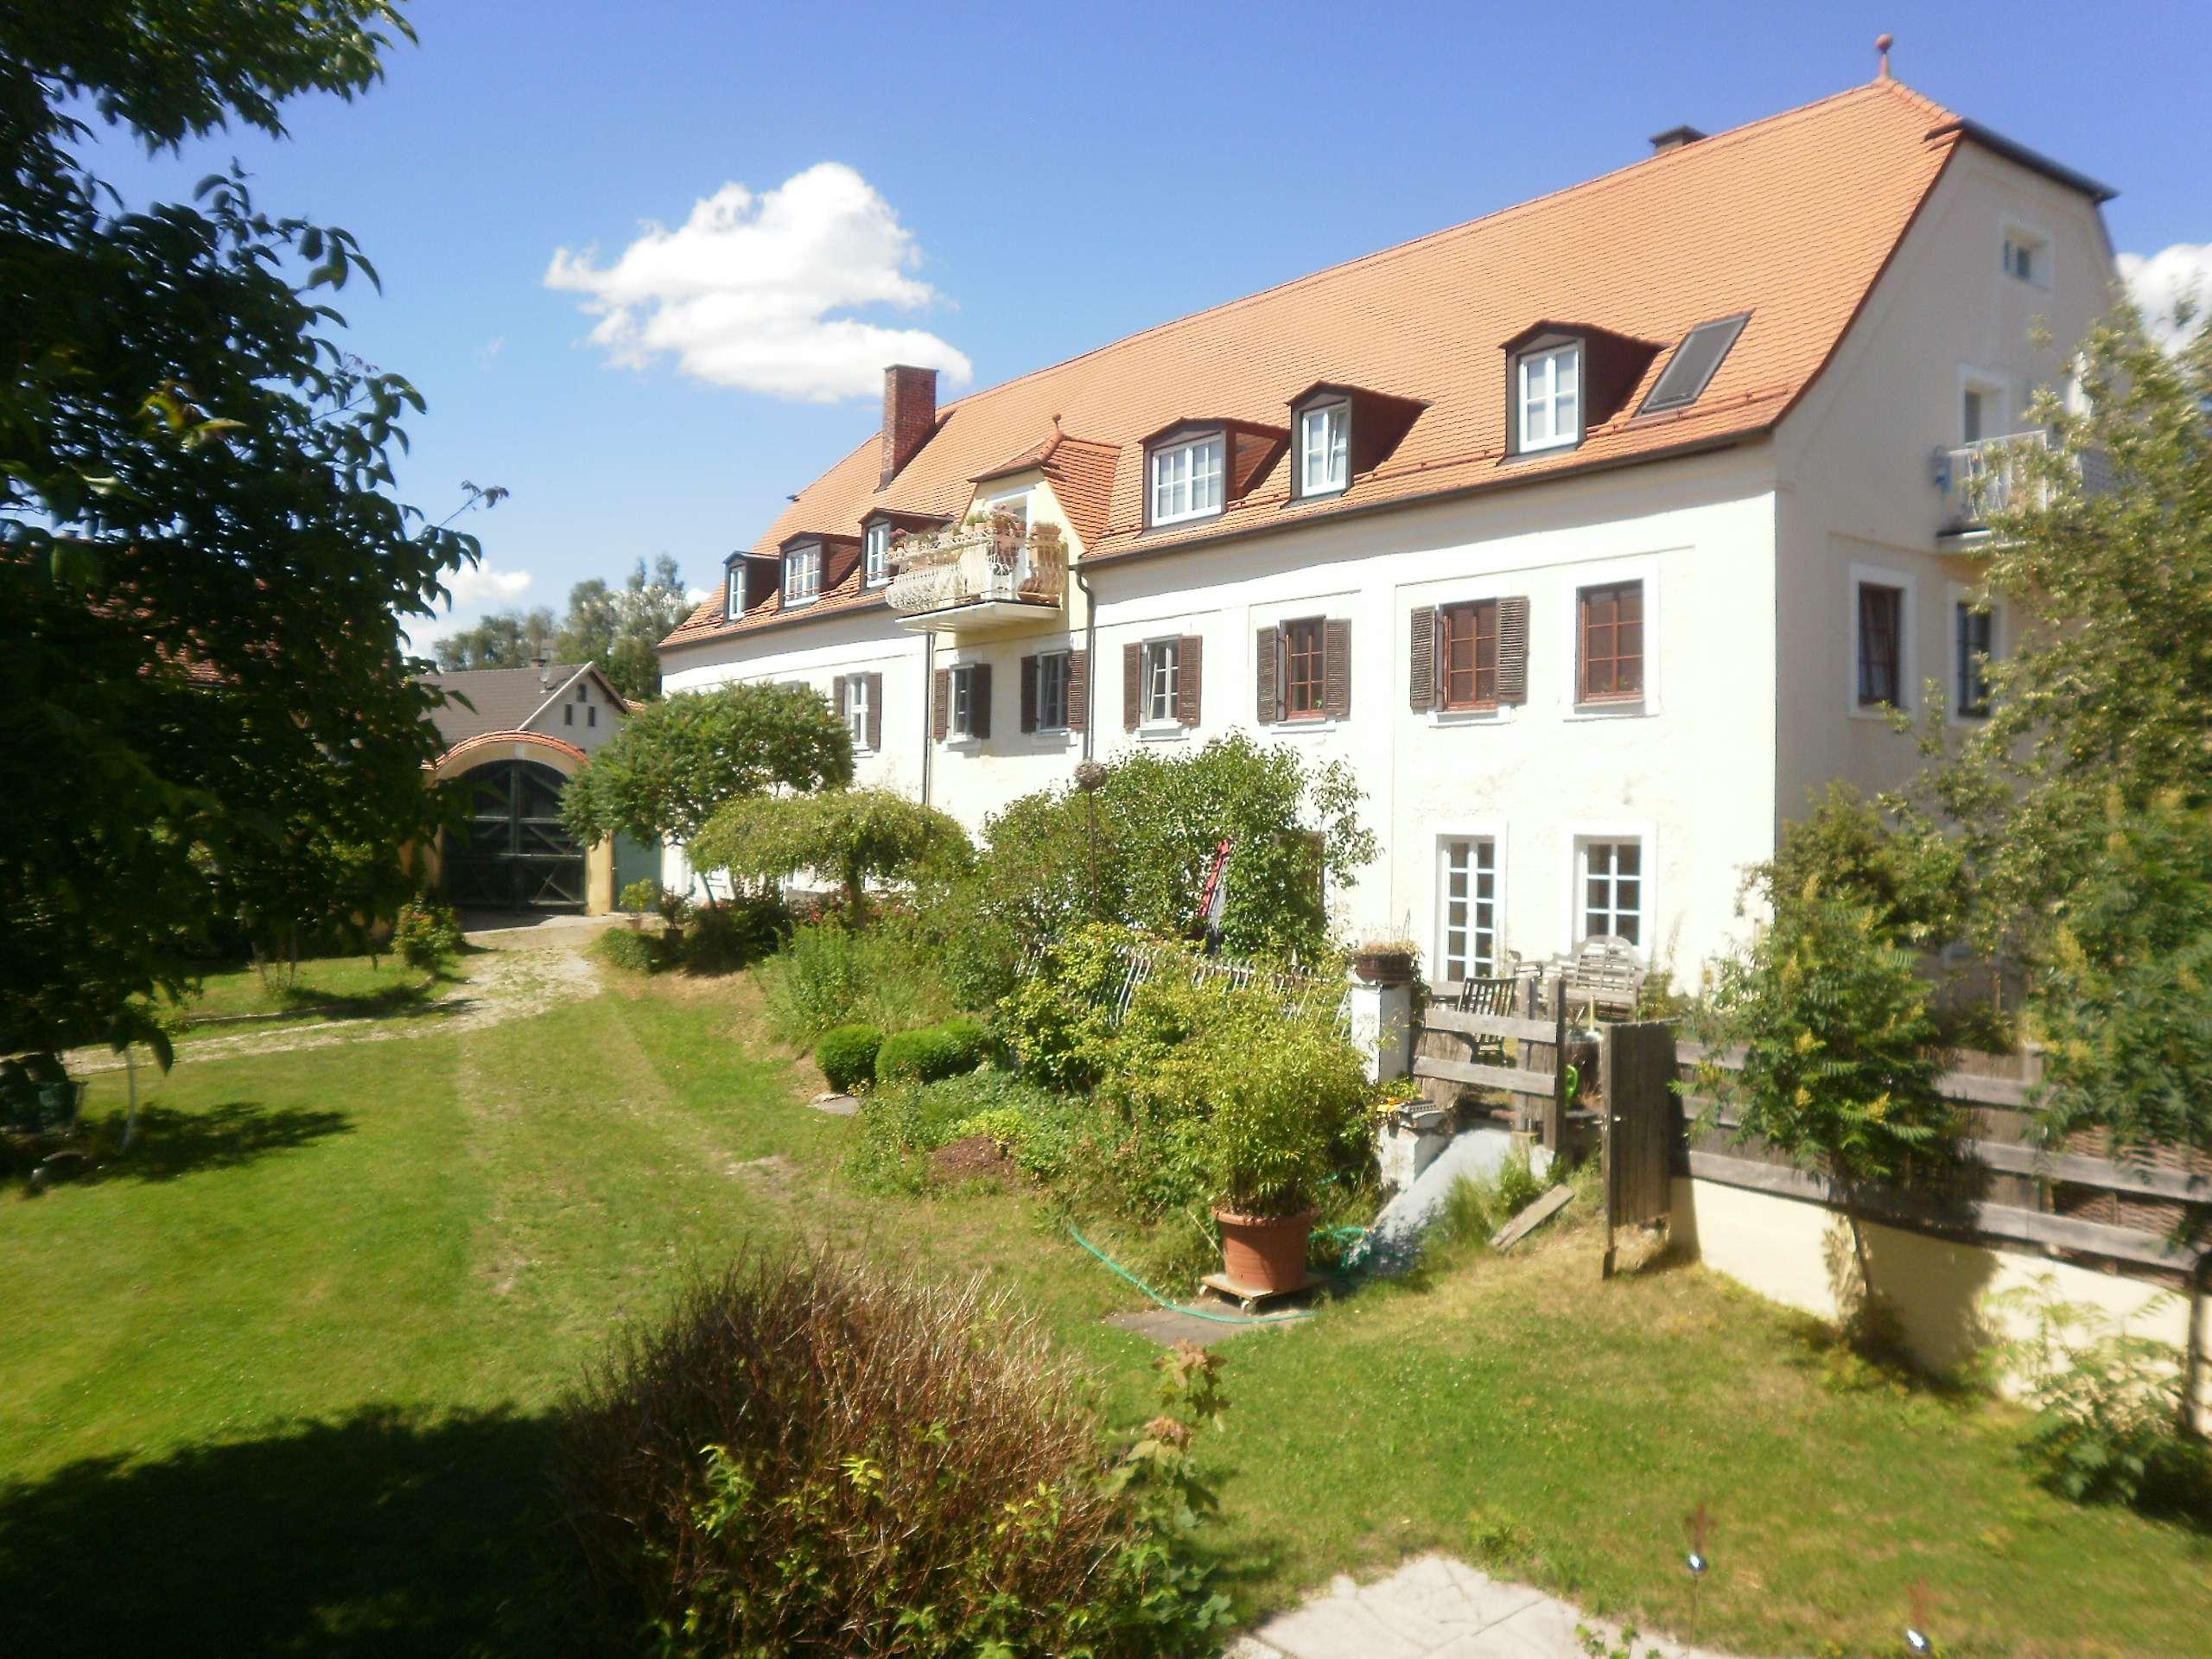 Sonnige Terrassenwohnung in idyllischer Umgebung in Velden (Landshut)